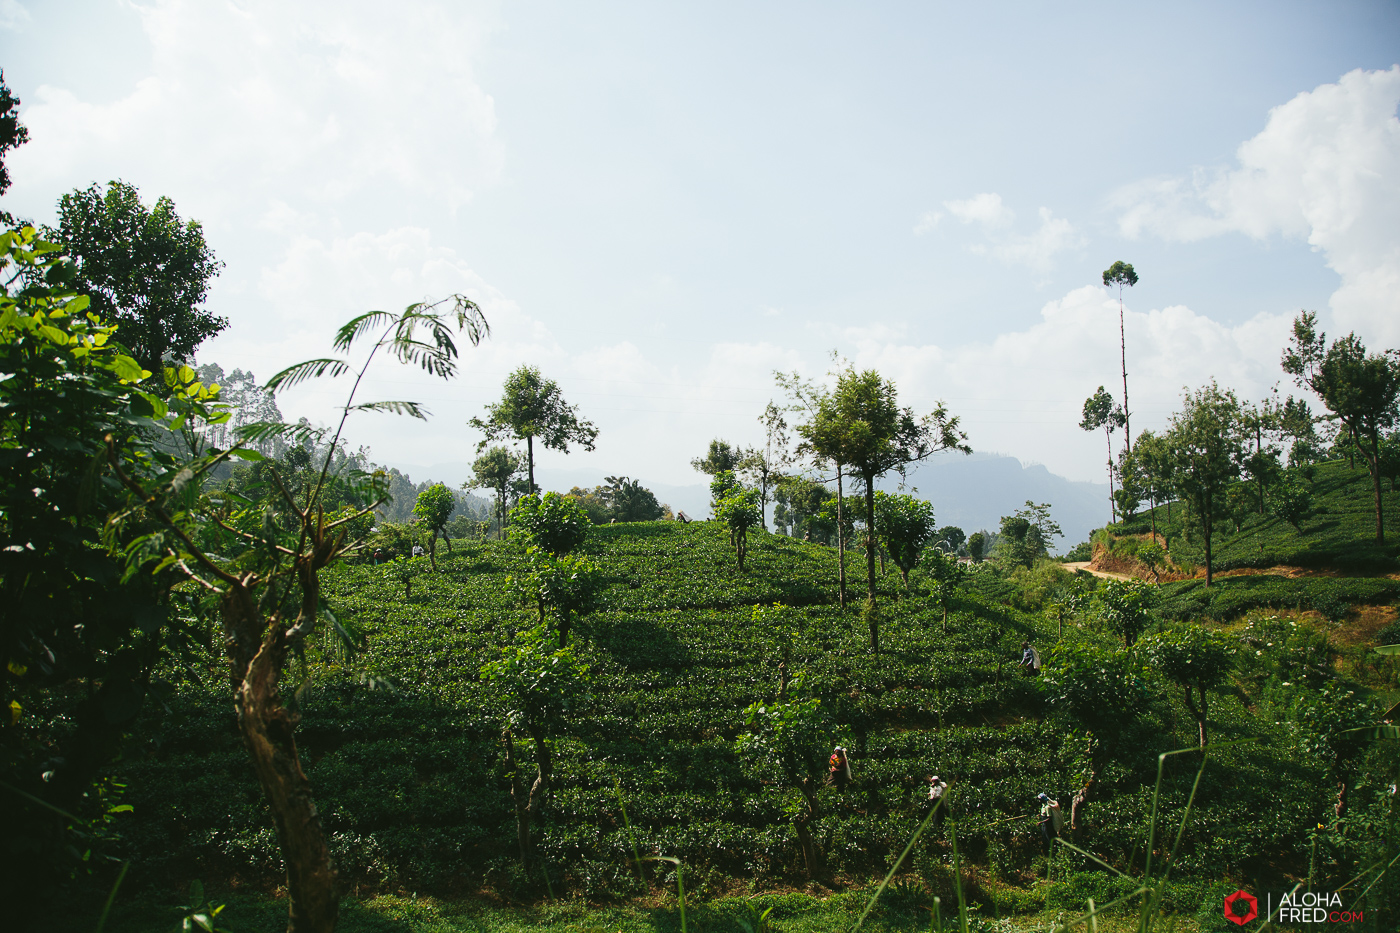 0067 - Sri Lanka - CP1A7258